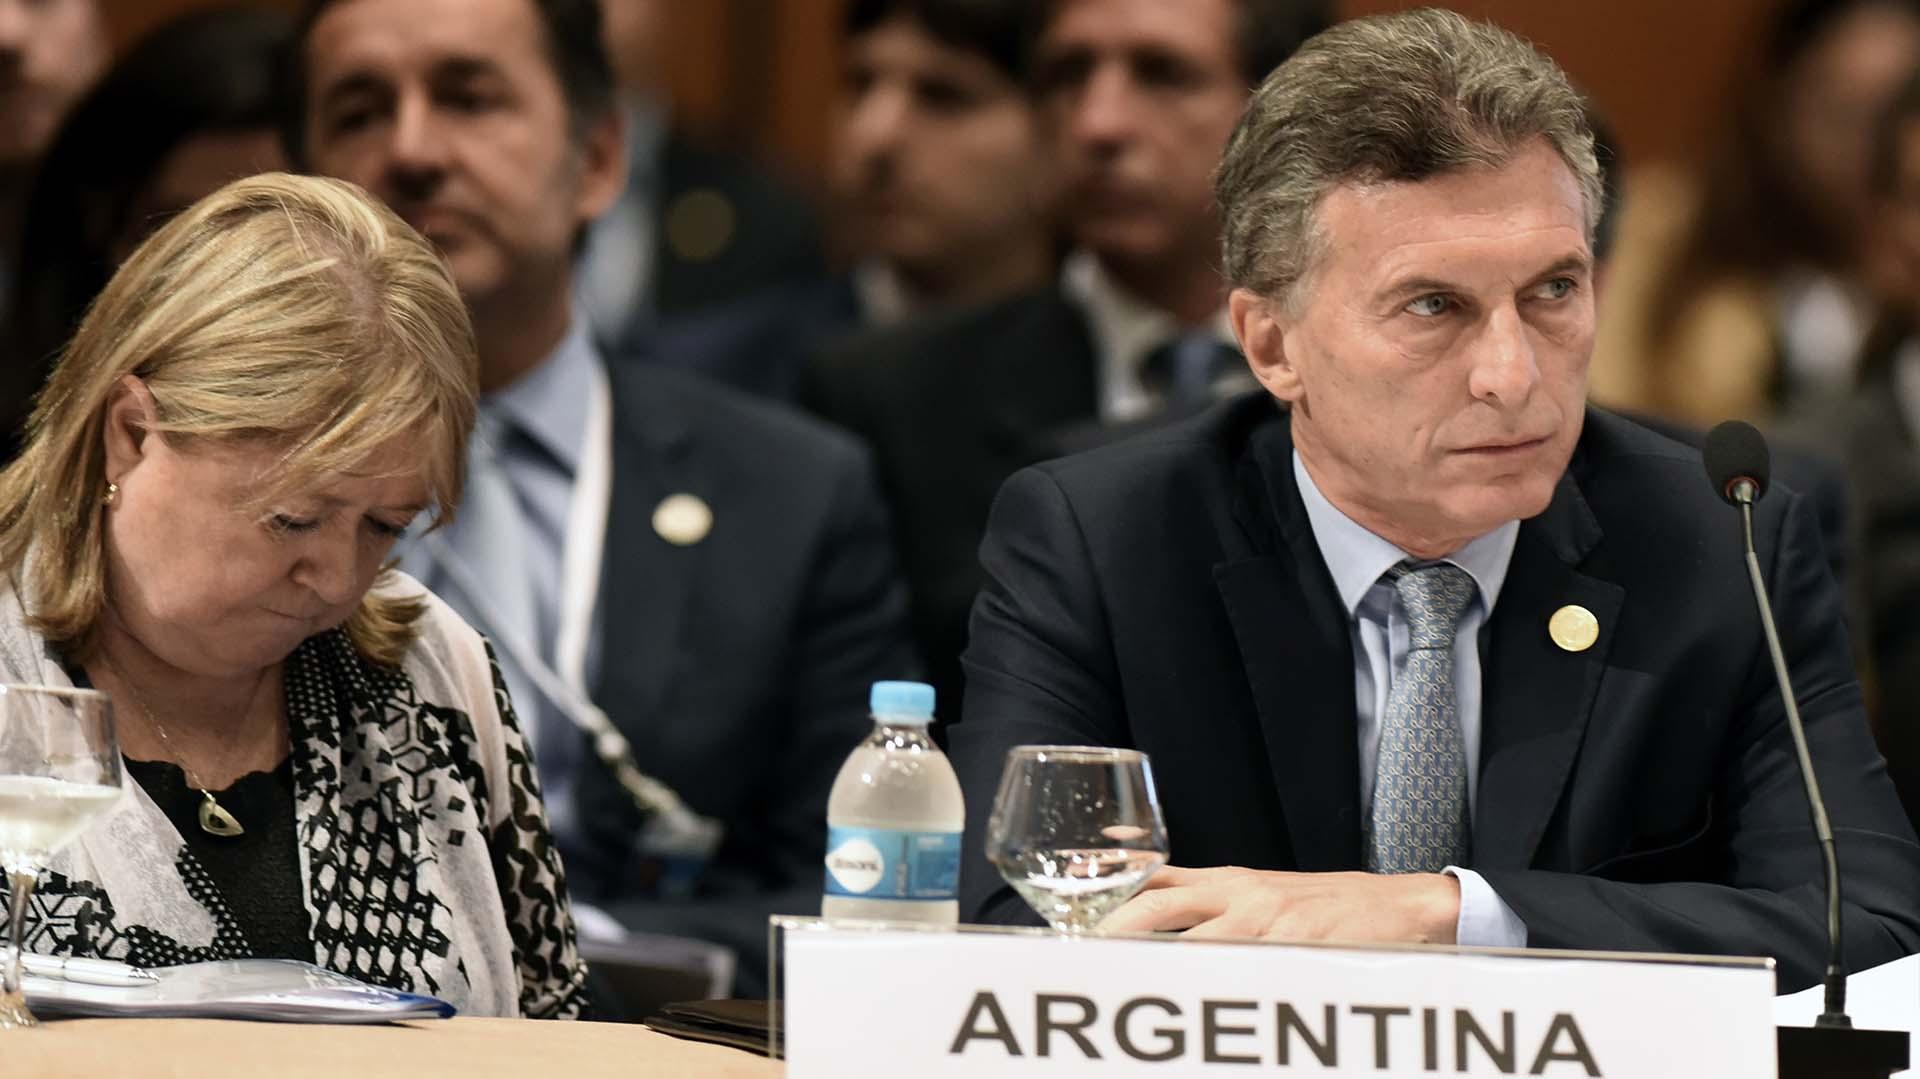 Susana Malcorra junto a Mauricio Macri en la Cumbre del Mercosur en Paraguay (AFP)